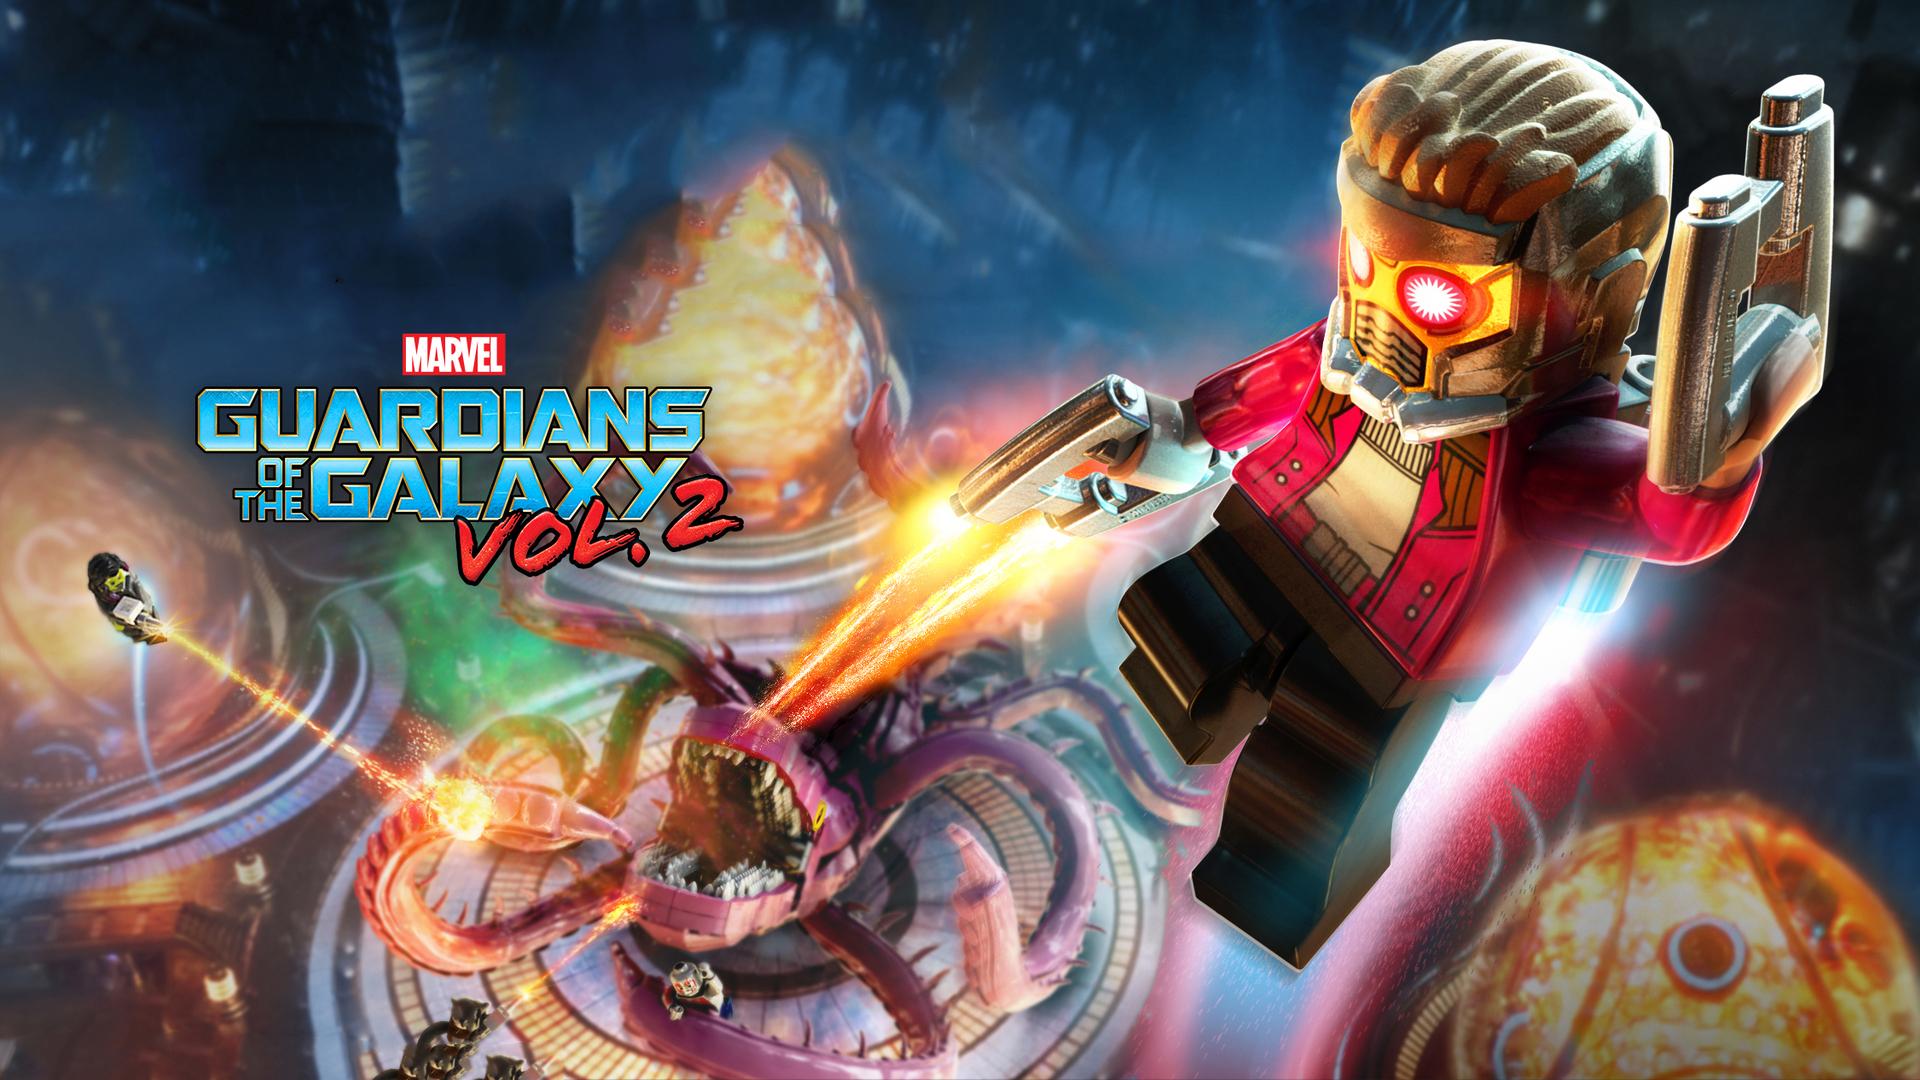 Guardians Of The Galaxy Vol 2 Lego B8